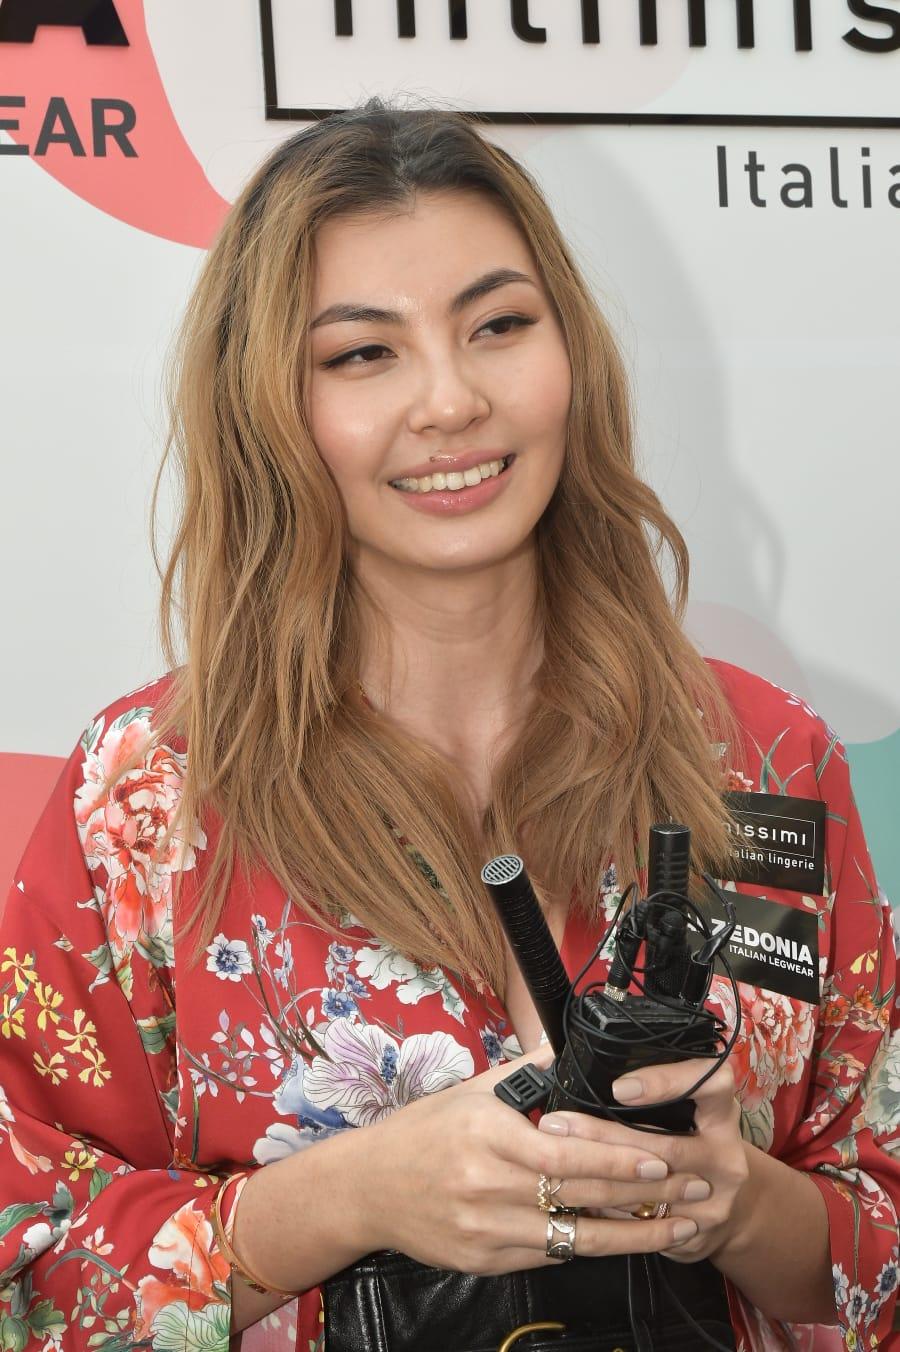 王丽嘉自嘲演技欠佳,将全力当模特儿。